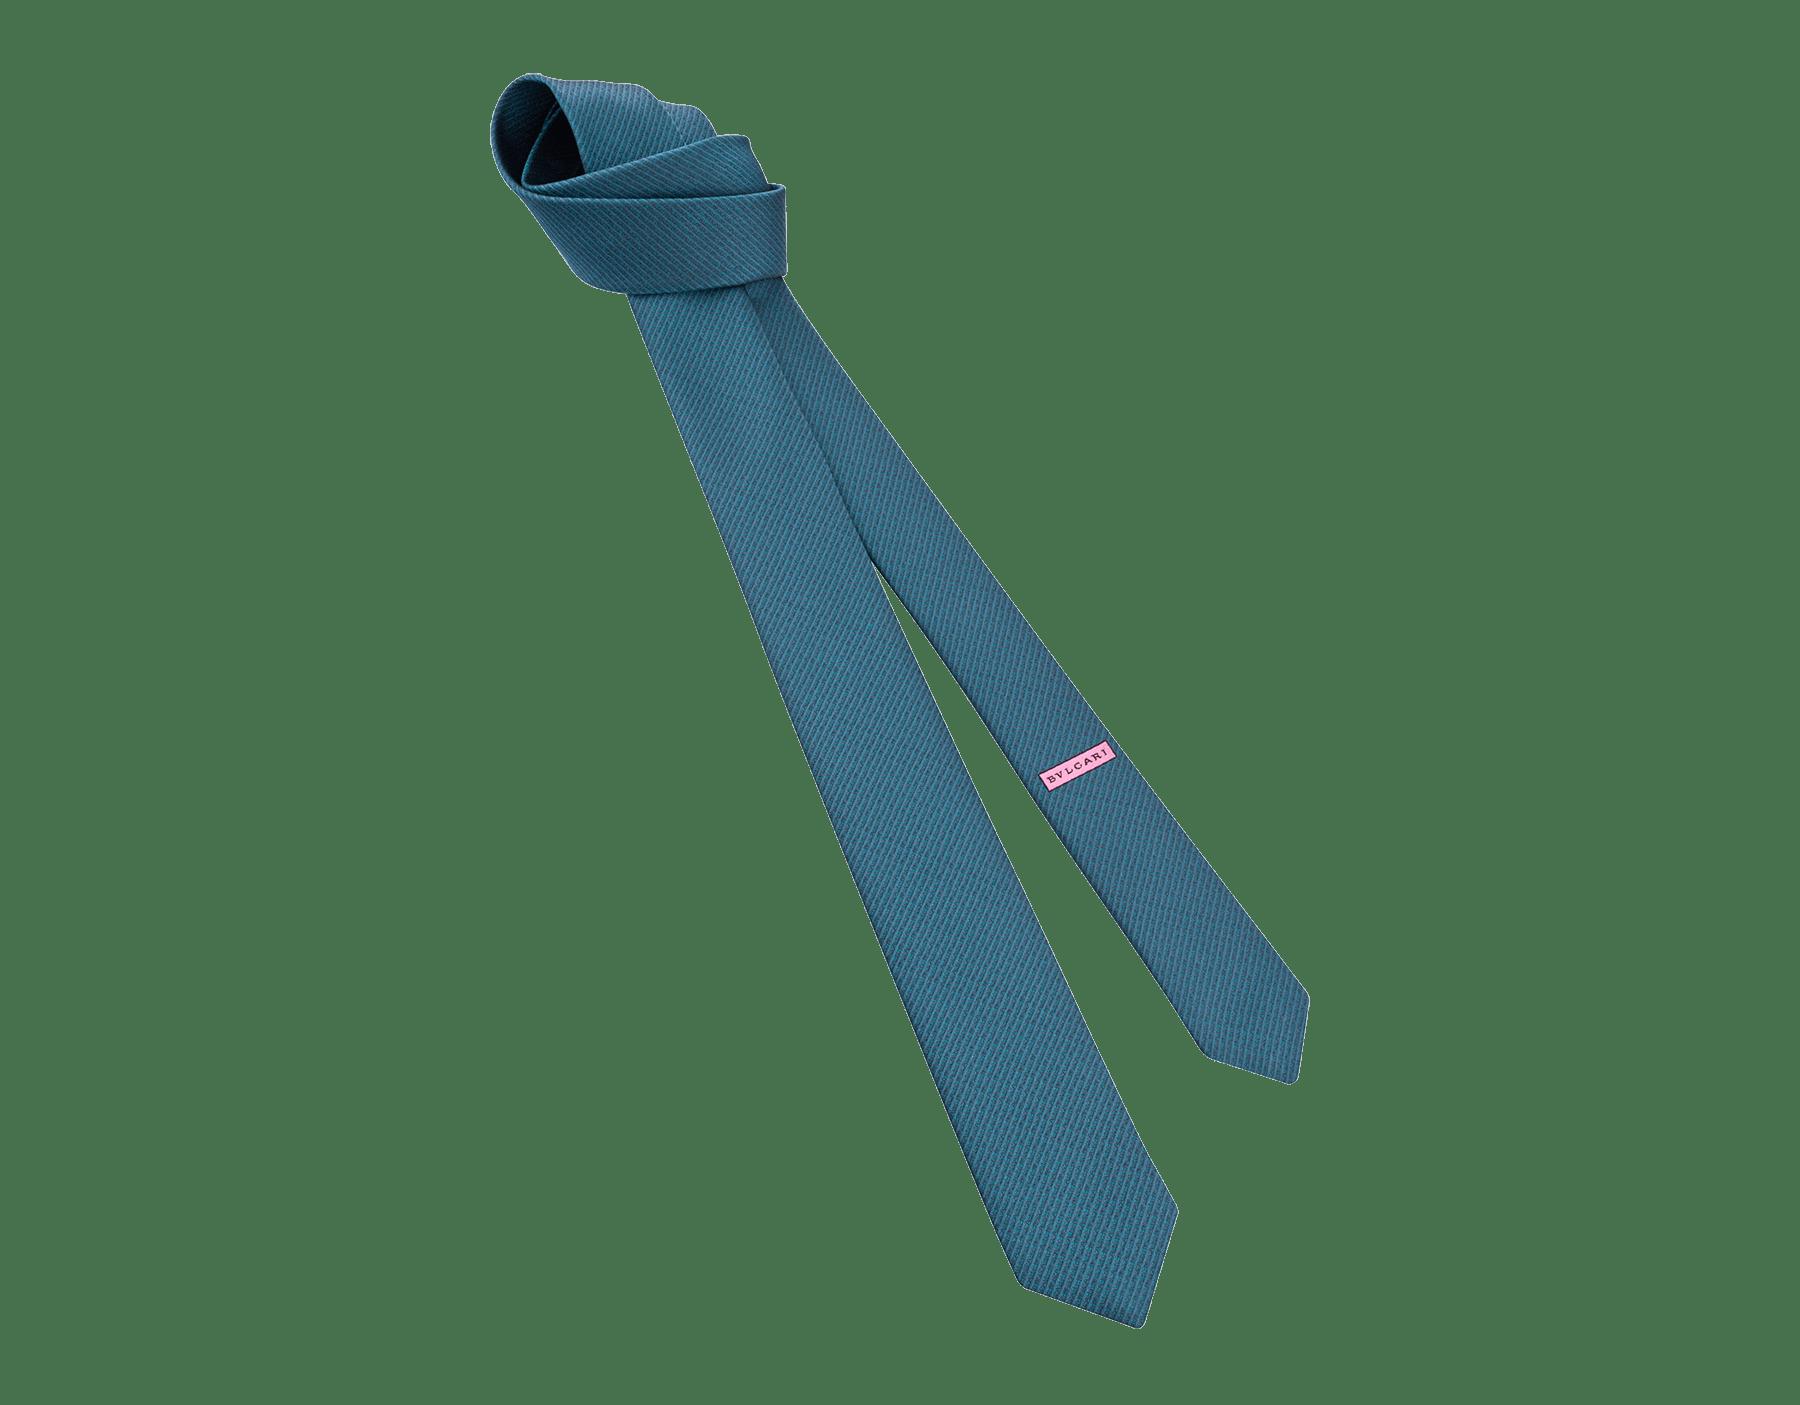 """Siebenfach gefaltete petrolblaue Krawatte mit """"Small Colours""""-Muster aus feinem Seidenjacquard. 244122 image 1"""